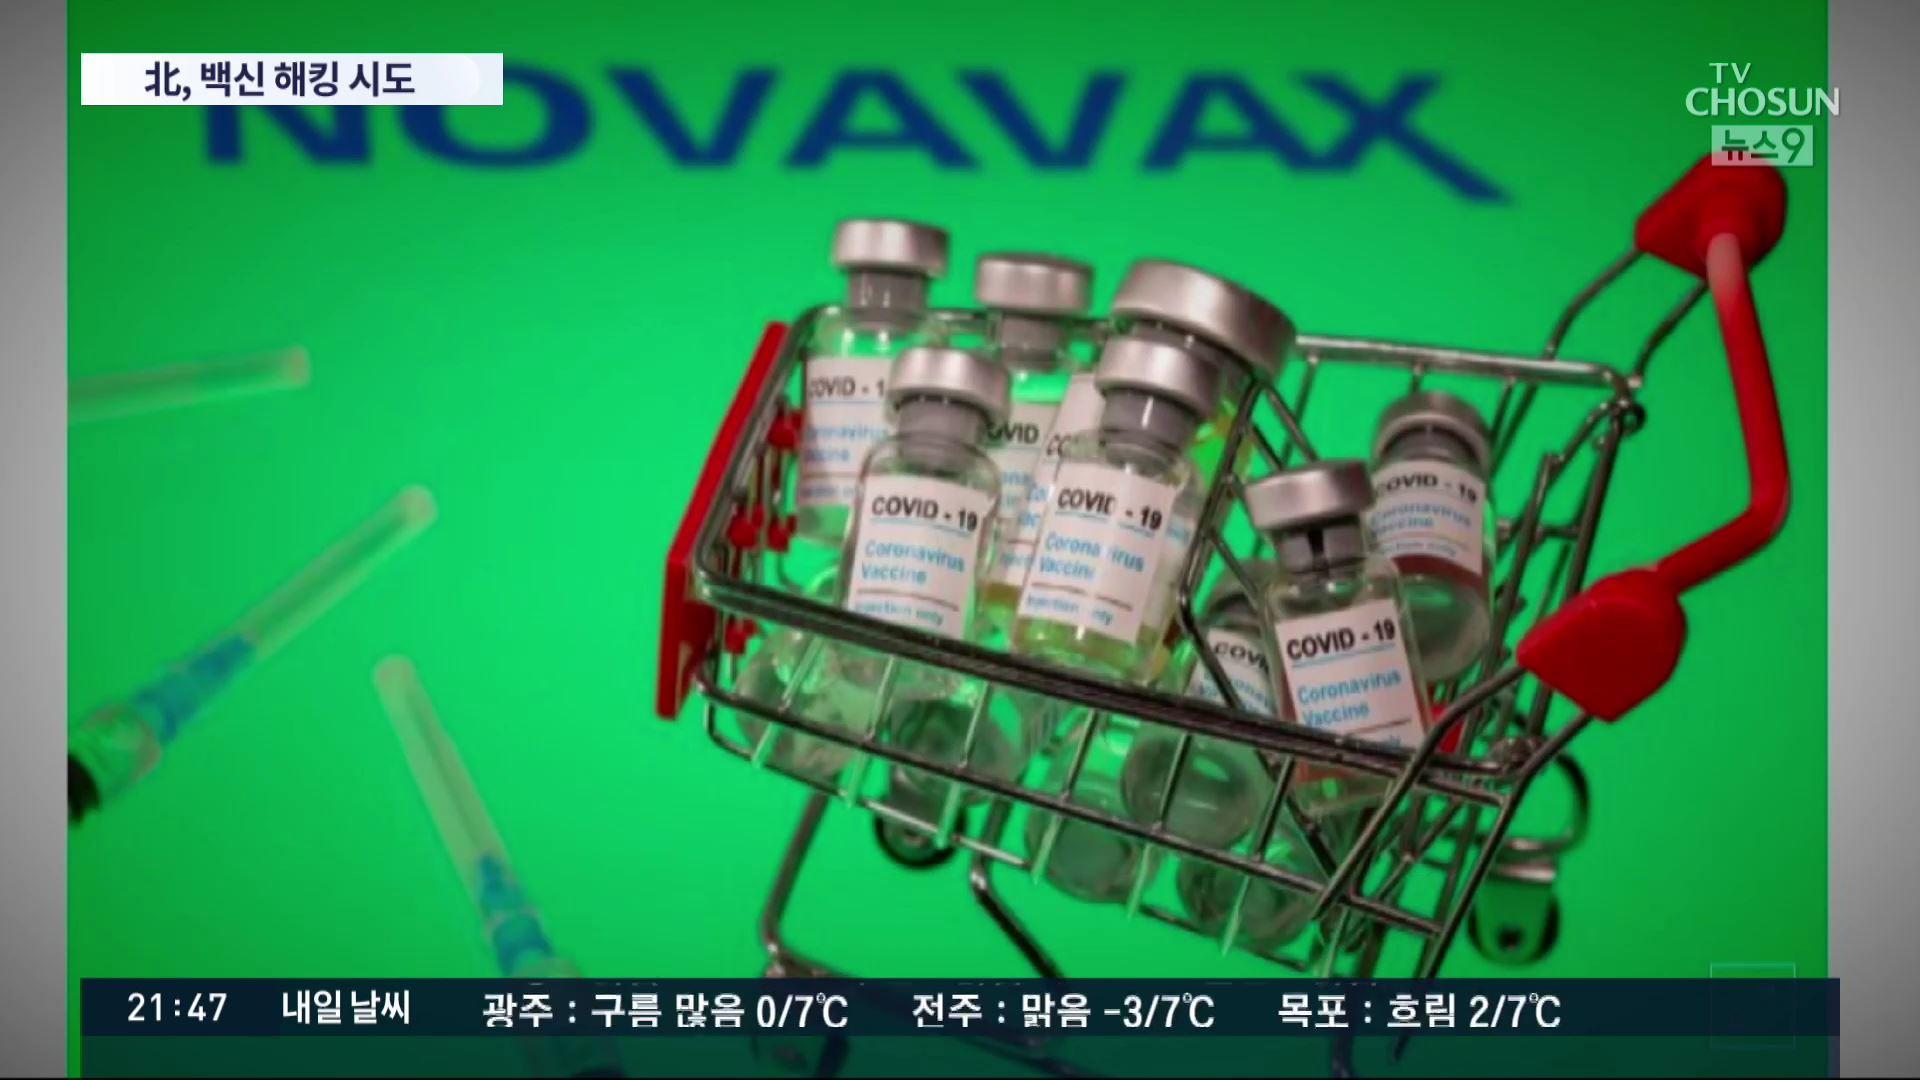 北, 코로나 백신 개발 제약사 해킹 시도…국내 4곳도 공격